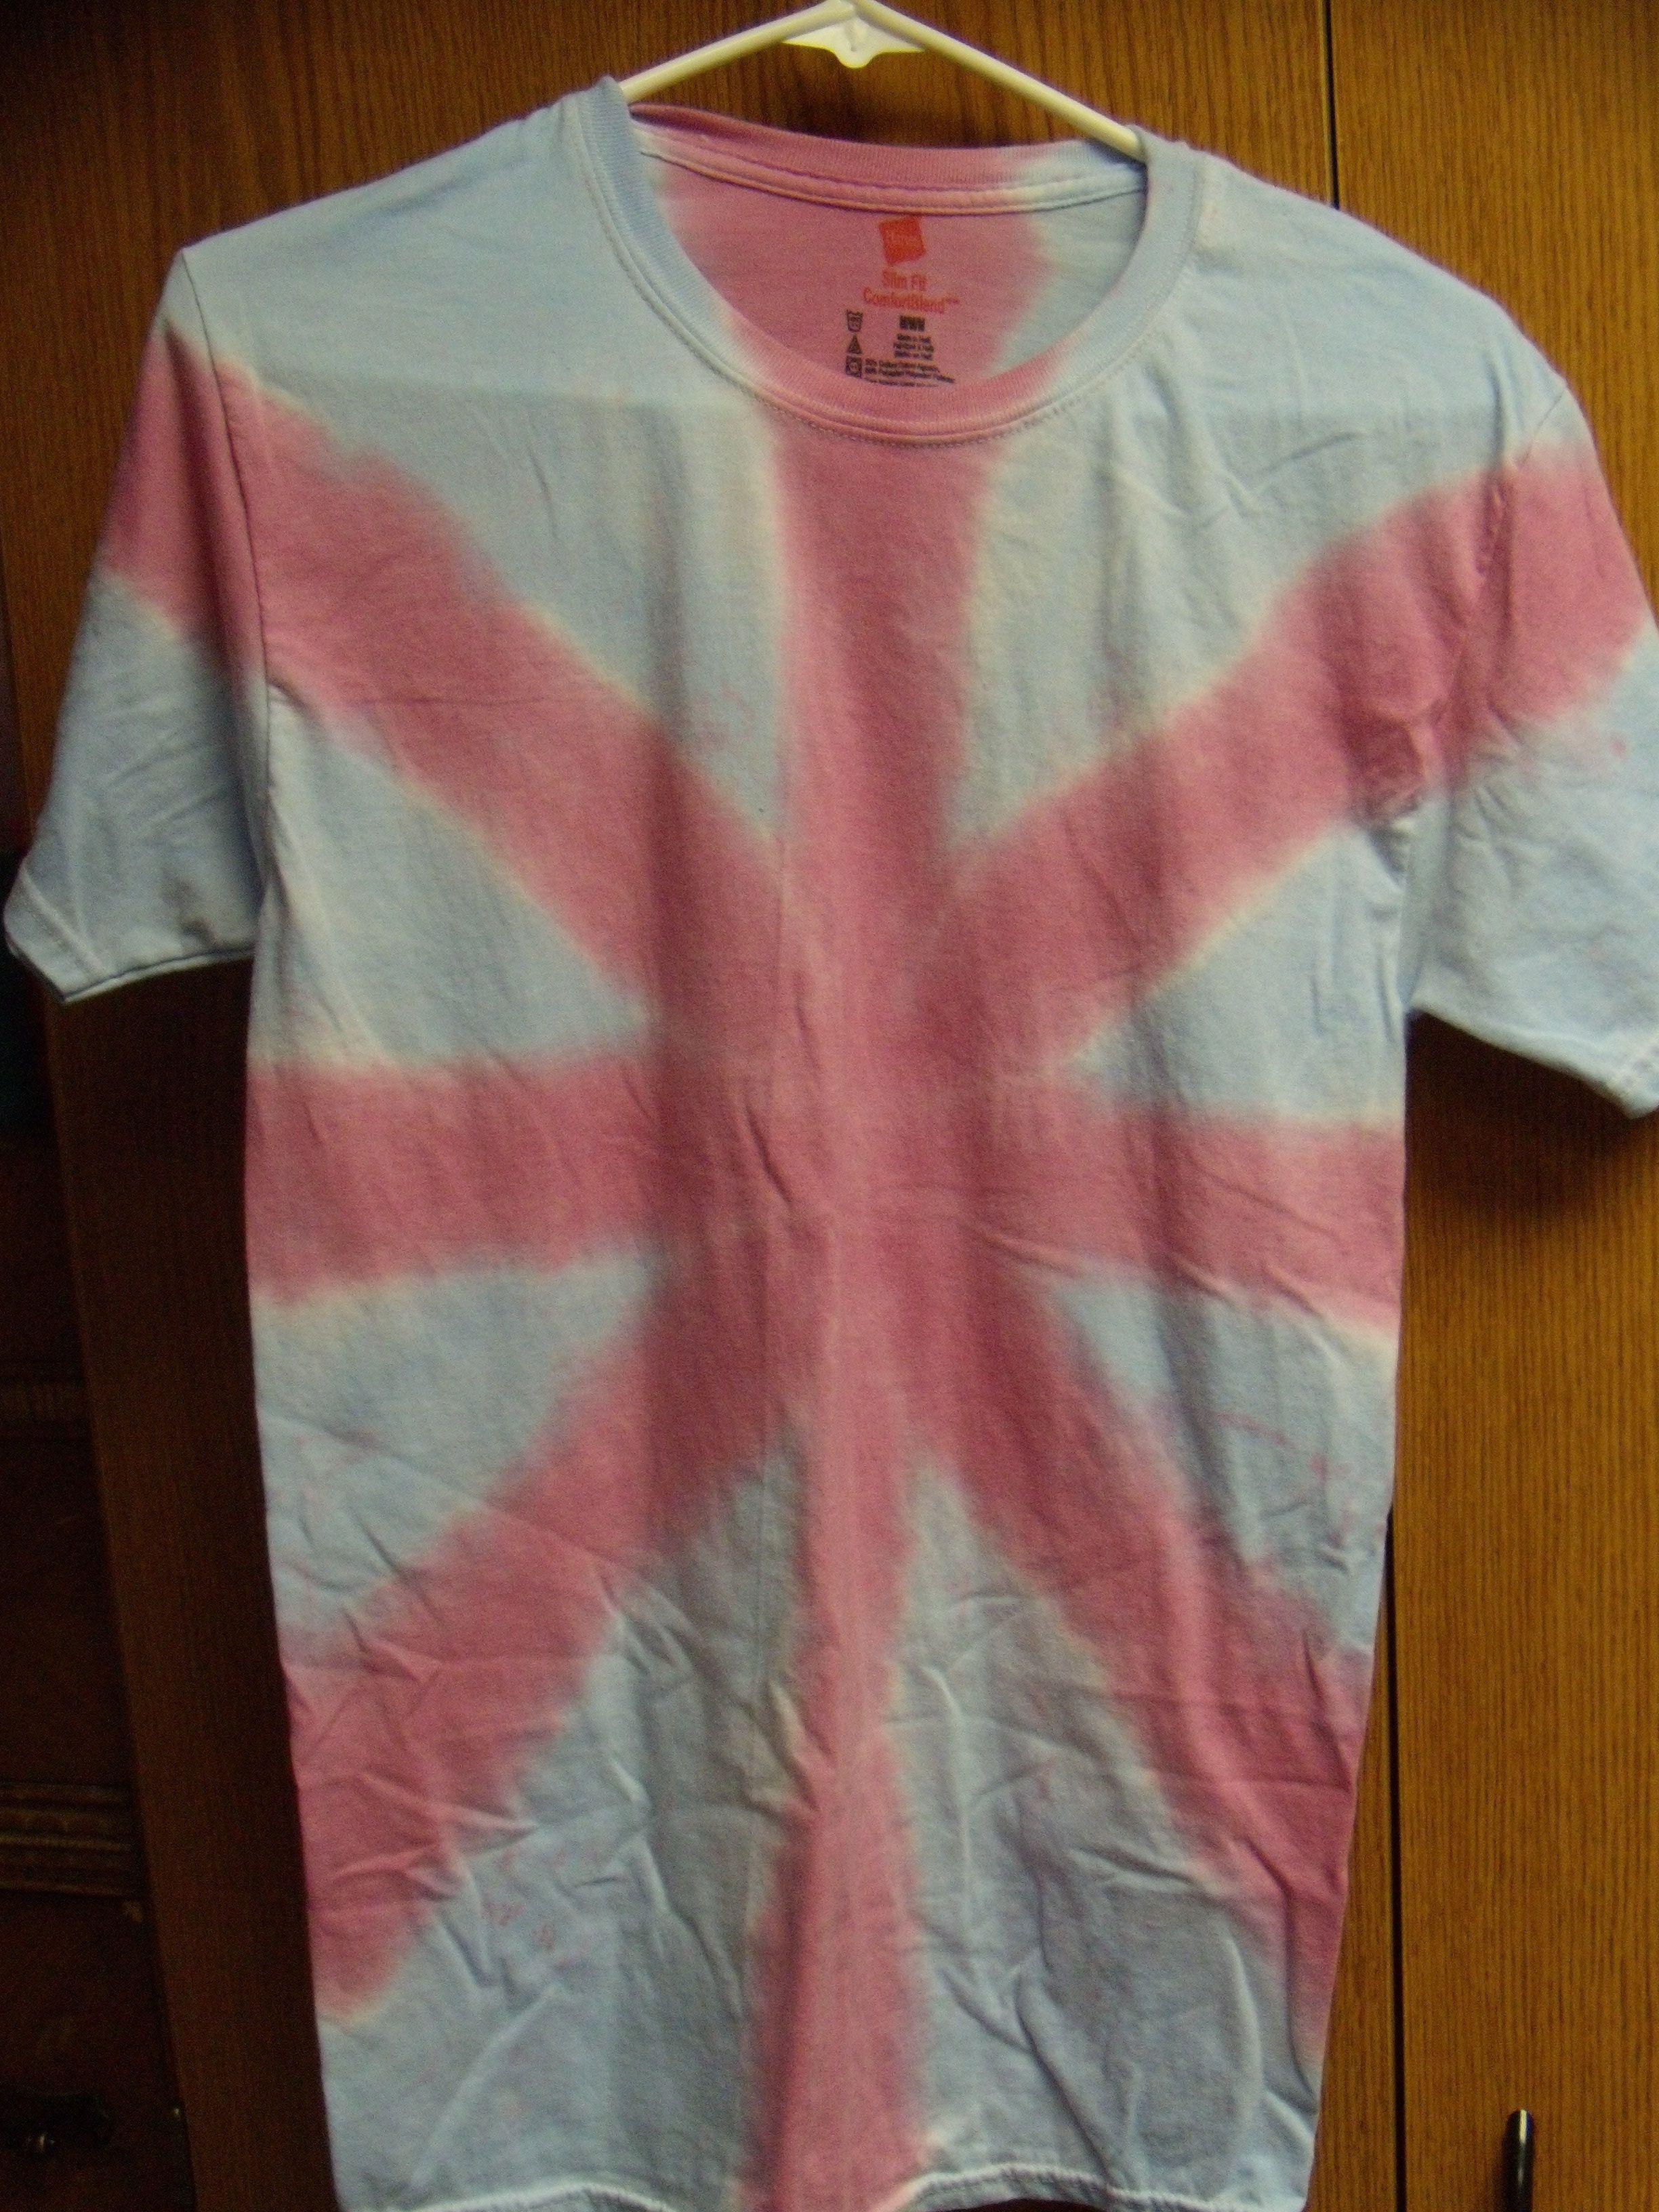 Another tiedyed union jack flag british flag tshirt i